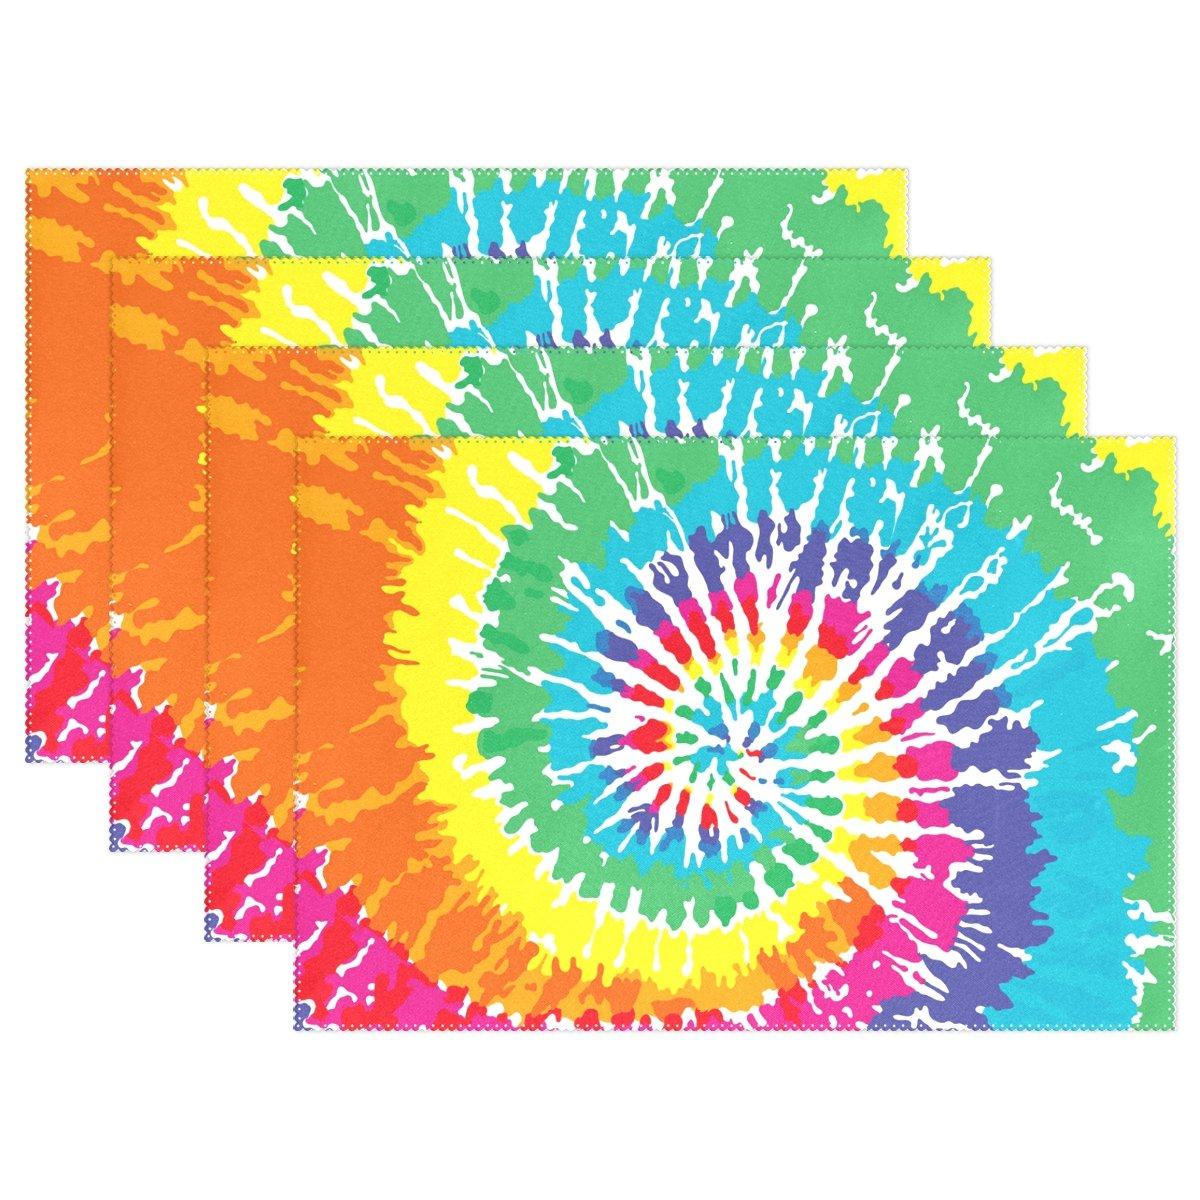 yochoiceヴィンテージレトロなカラフルTie Dye Rainbowプレースマットプレートホルダーのセット1、スタイリッシュなポリエステルテーブルの配置マットプロテクターキッチンダイニングルーム12